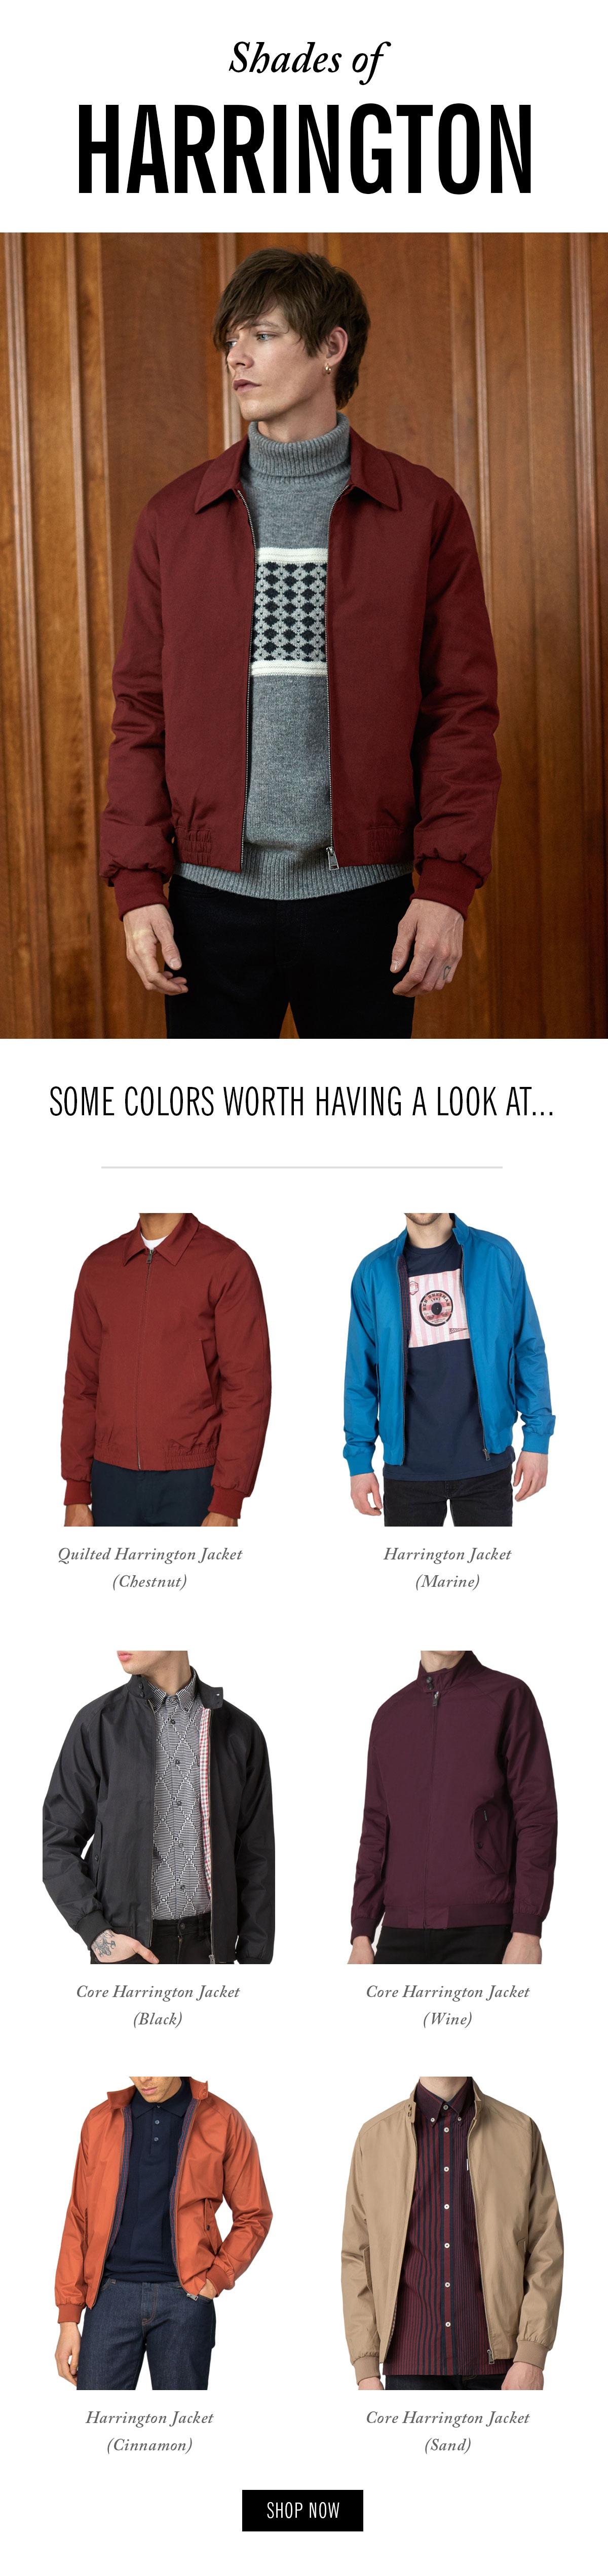 Shades of Harrington | Harrington jackets